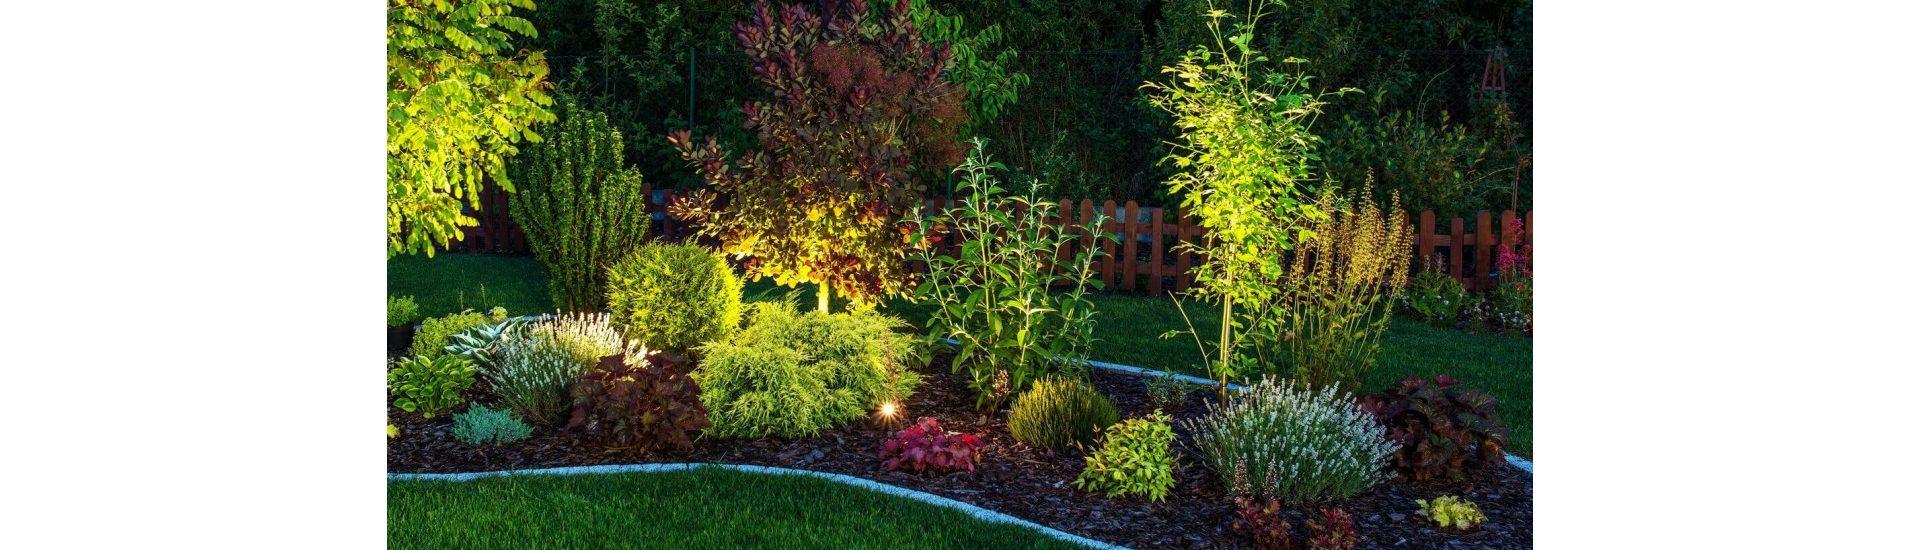 ¿Cómo iluminar un jardín en verano?